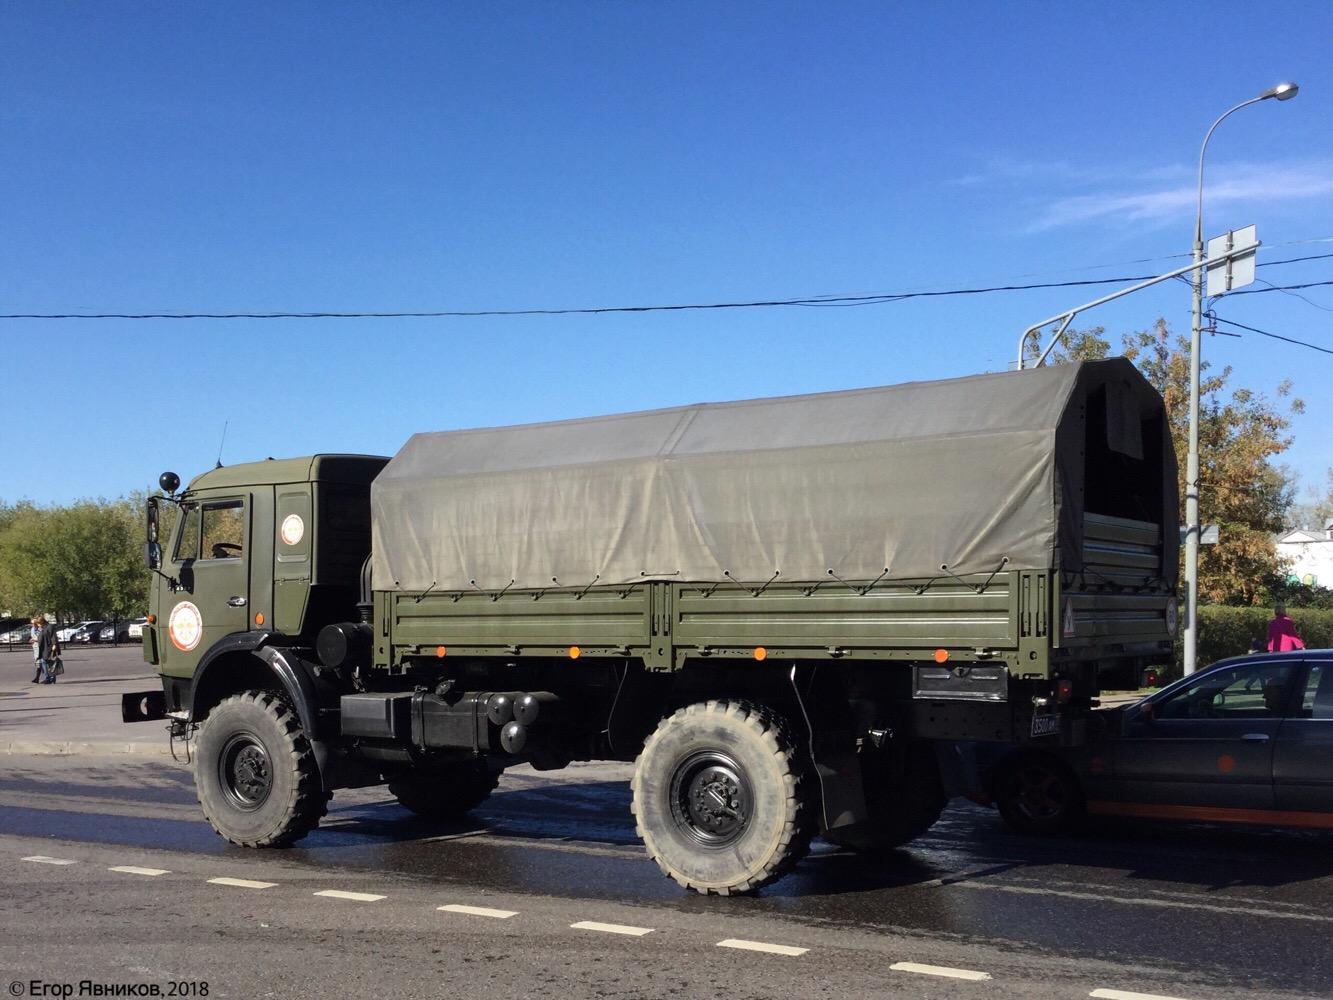 Бортовой грузовик КамАЗ-4350, #3500ам77. Московская область, г. Москва, улица Ставропольская